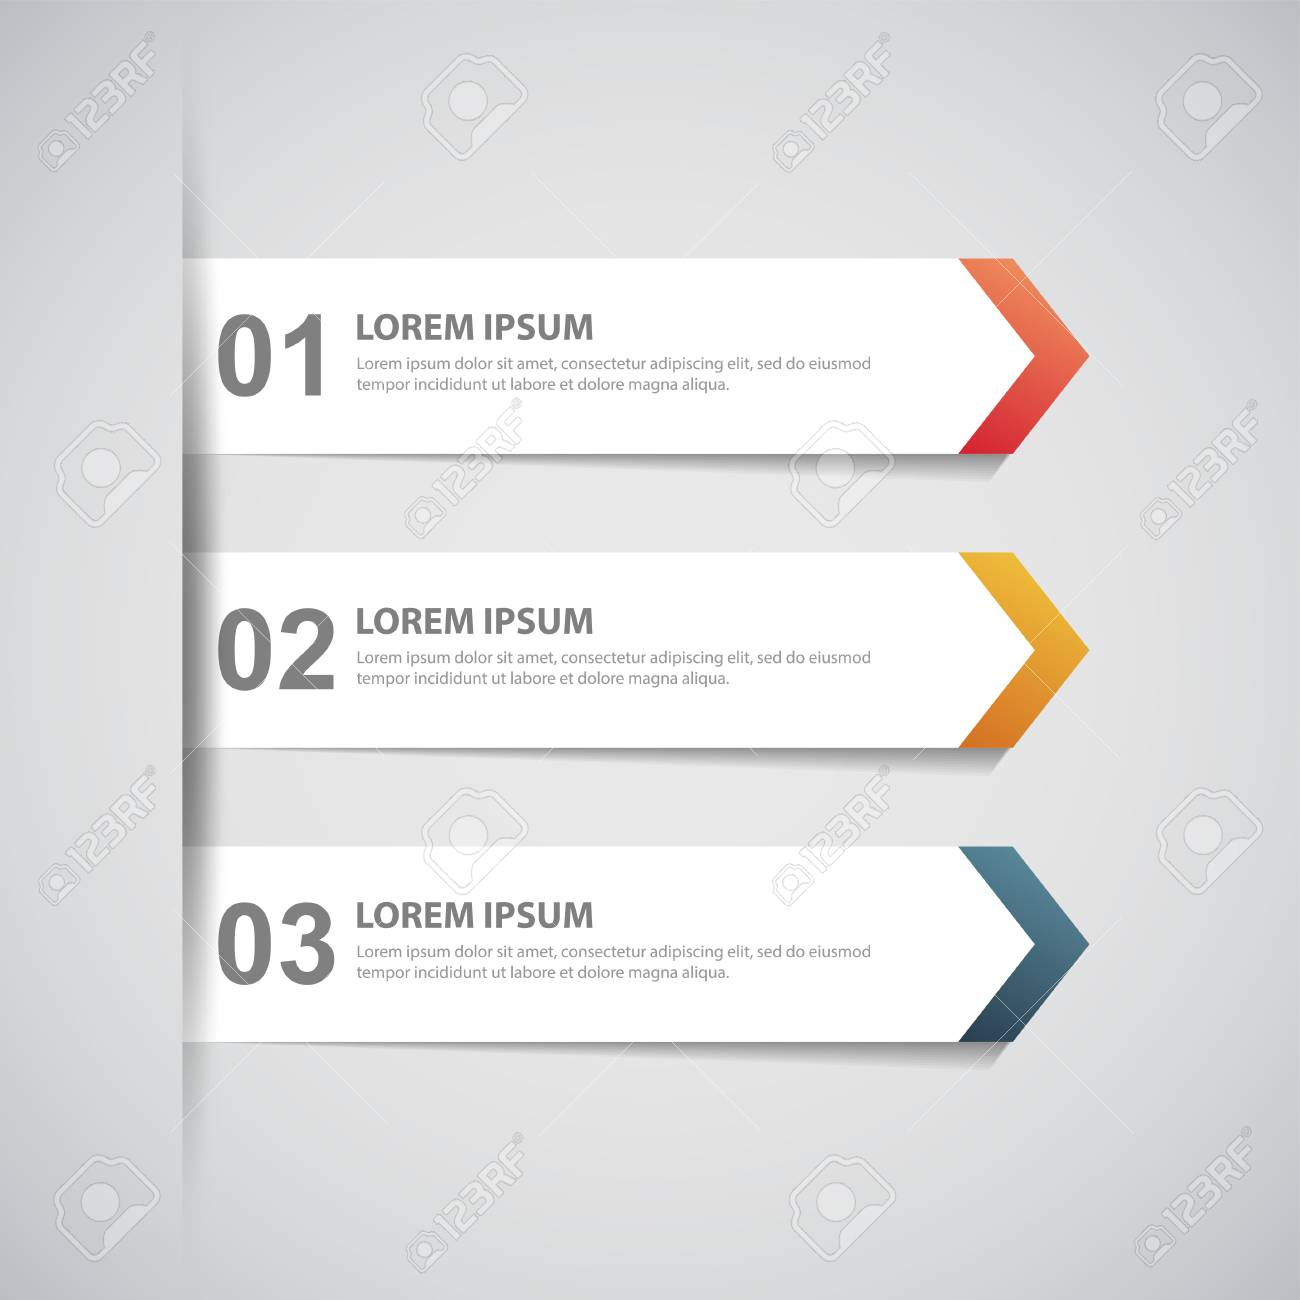 Design-Vorlage Für Saubere Nummeriert Banner, Infografiken, Grafik ...